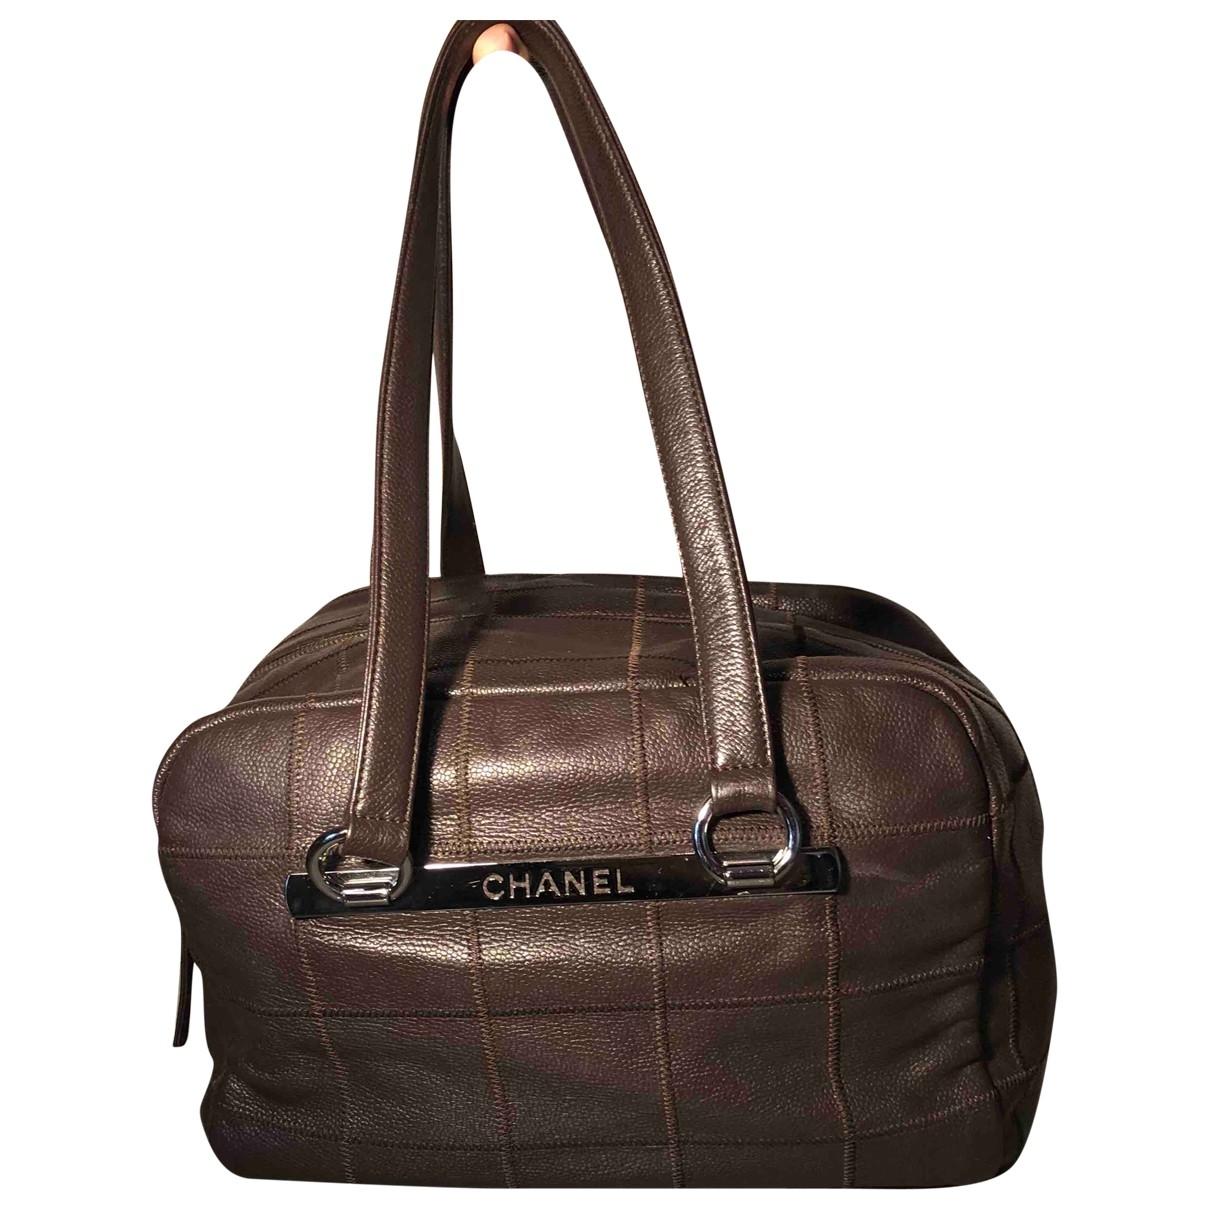 Chanel \N Handtasche in  Braun Leder